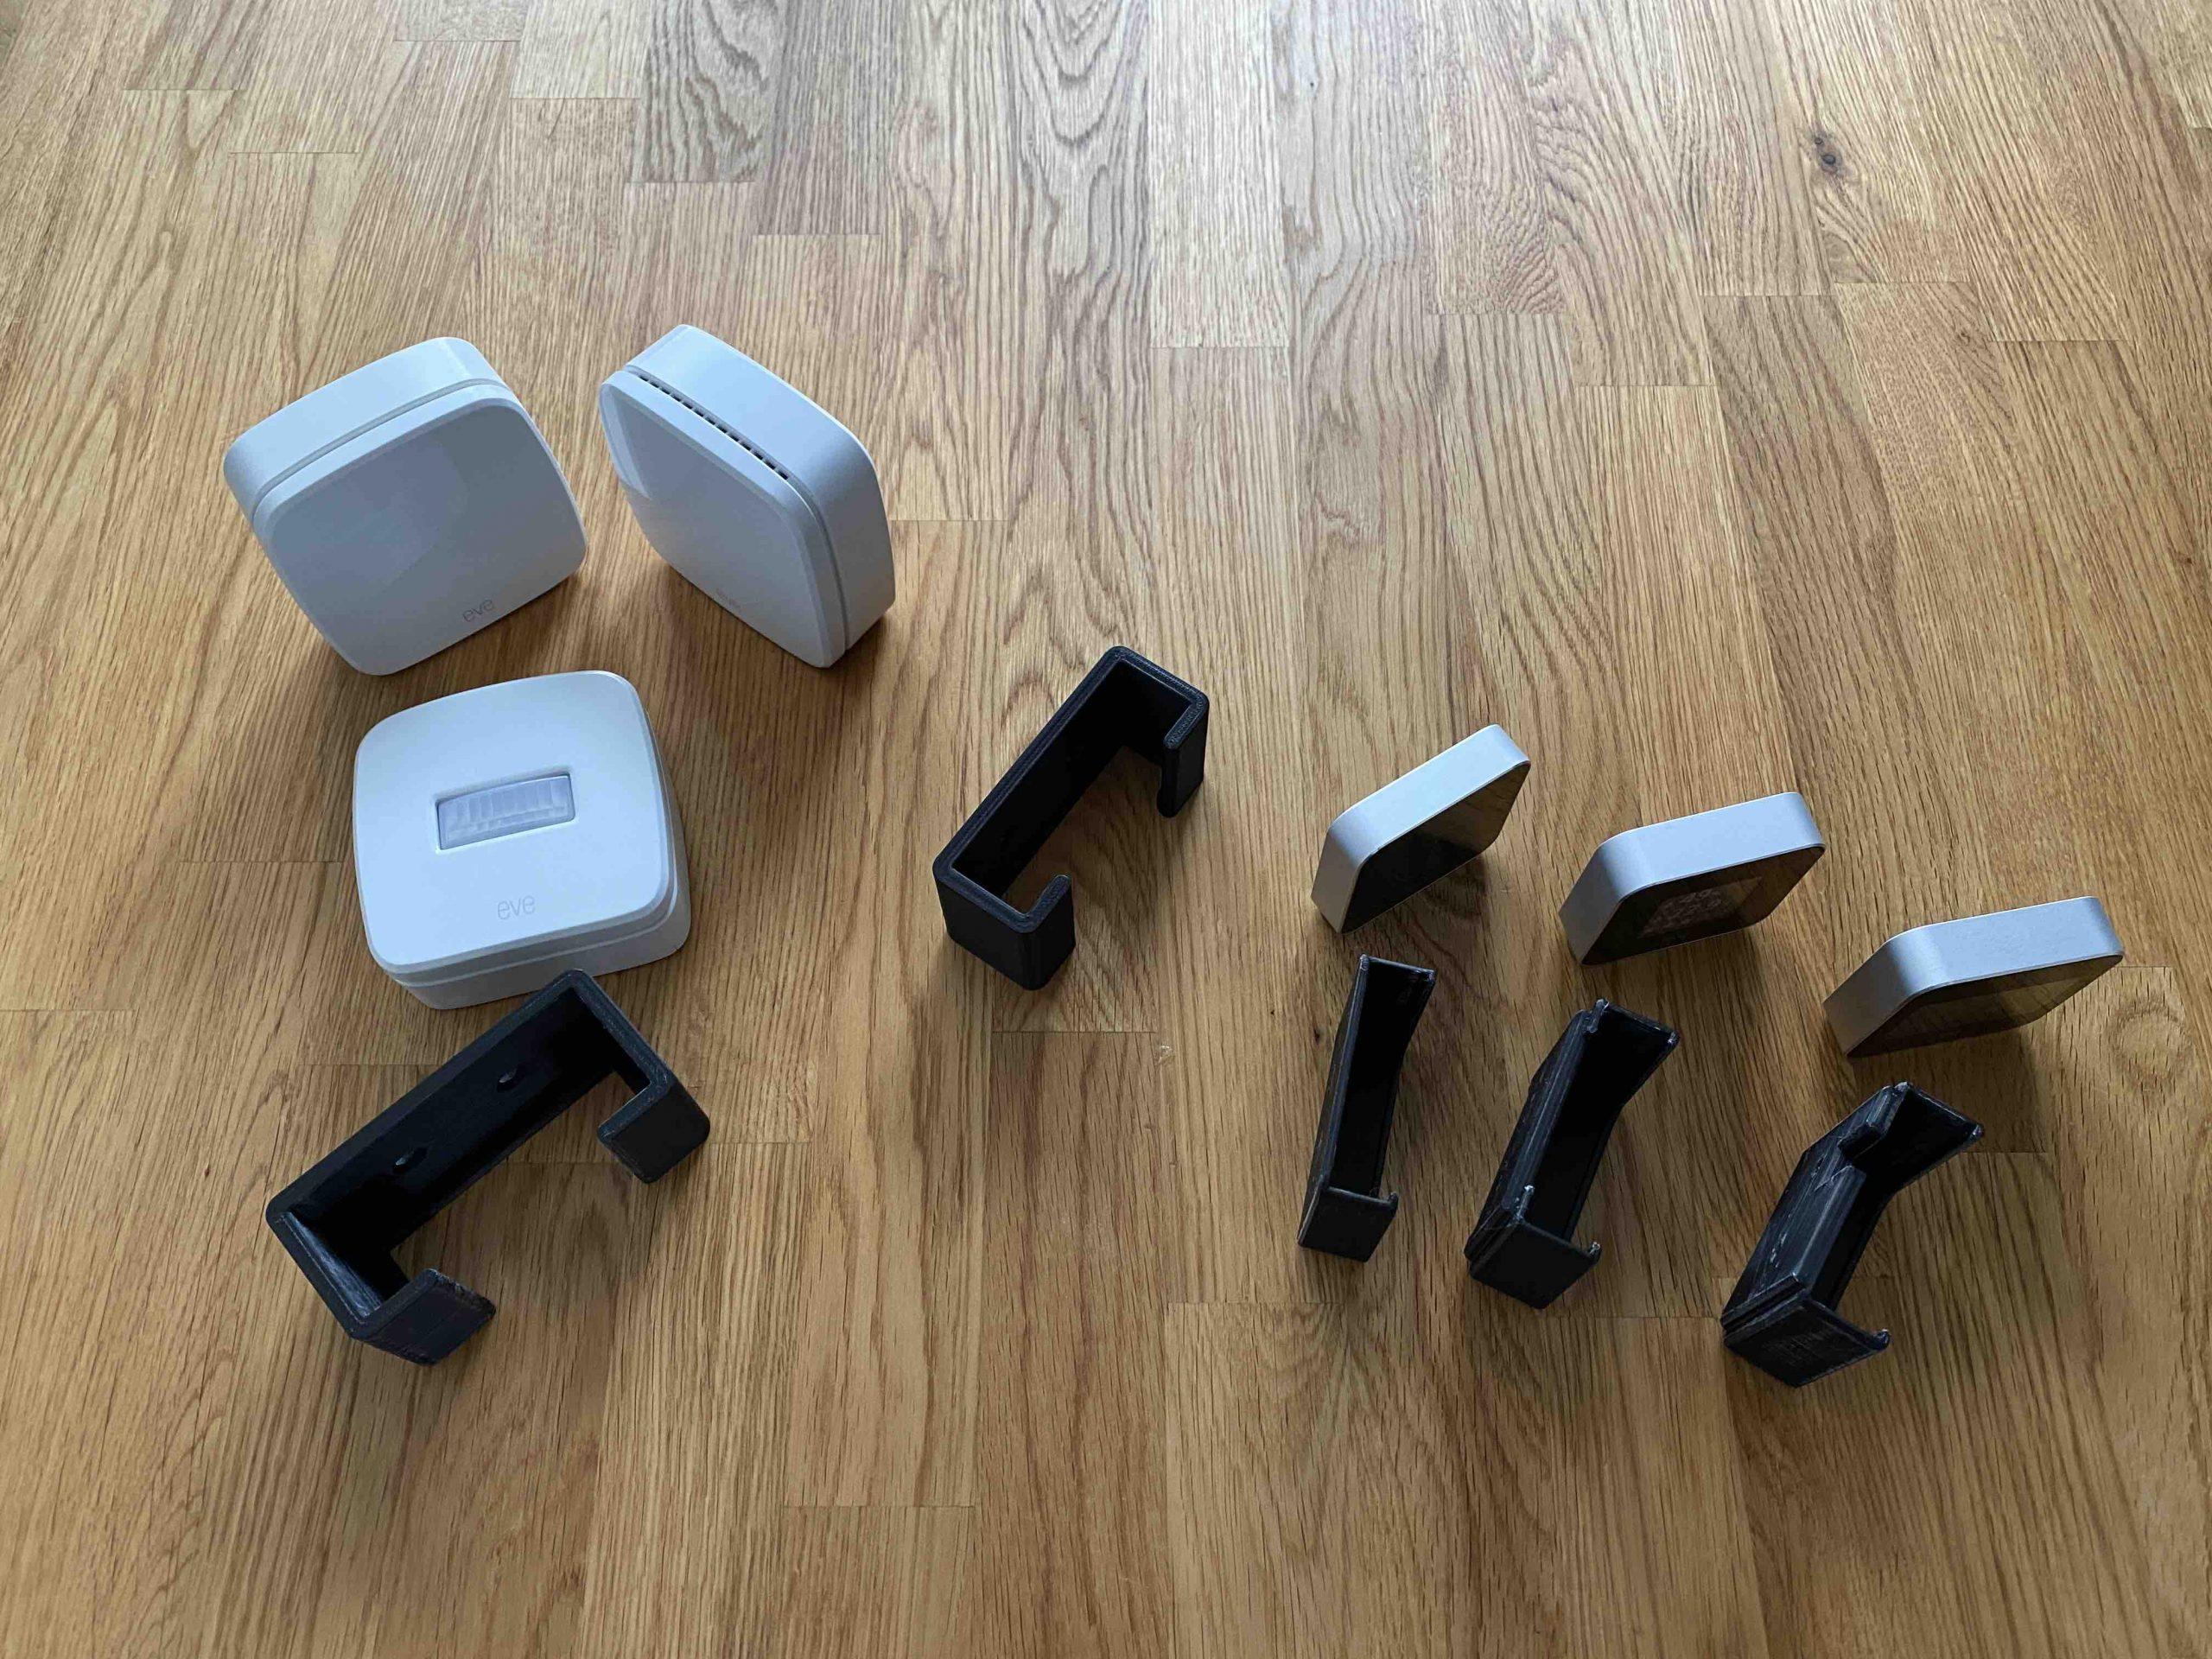 Aus-dem-3D-Drucker-Wandhalterungen-für-Apple-HomeKit-Geräte-von-Eve-scaled Aus dem 3D-Drucker: Wandhalterungen für Apple HomeKit Geräte von Eve